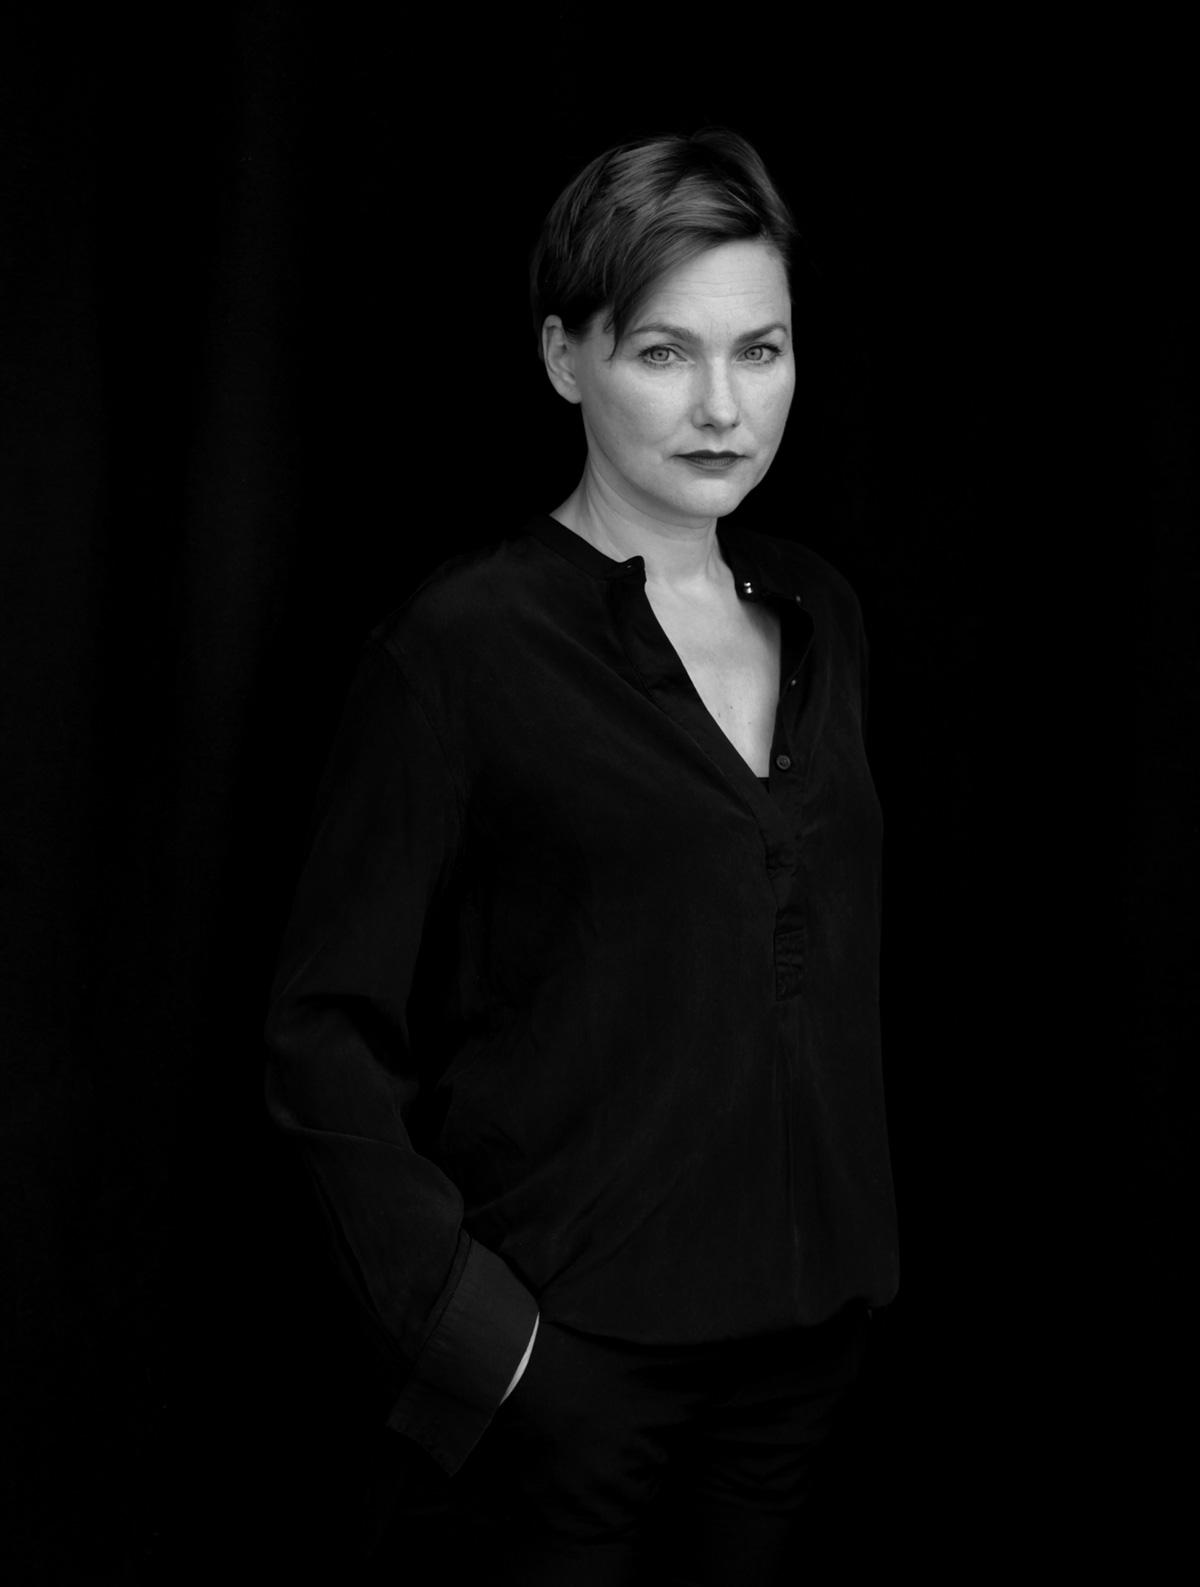 Brigitte Waldach